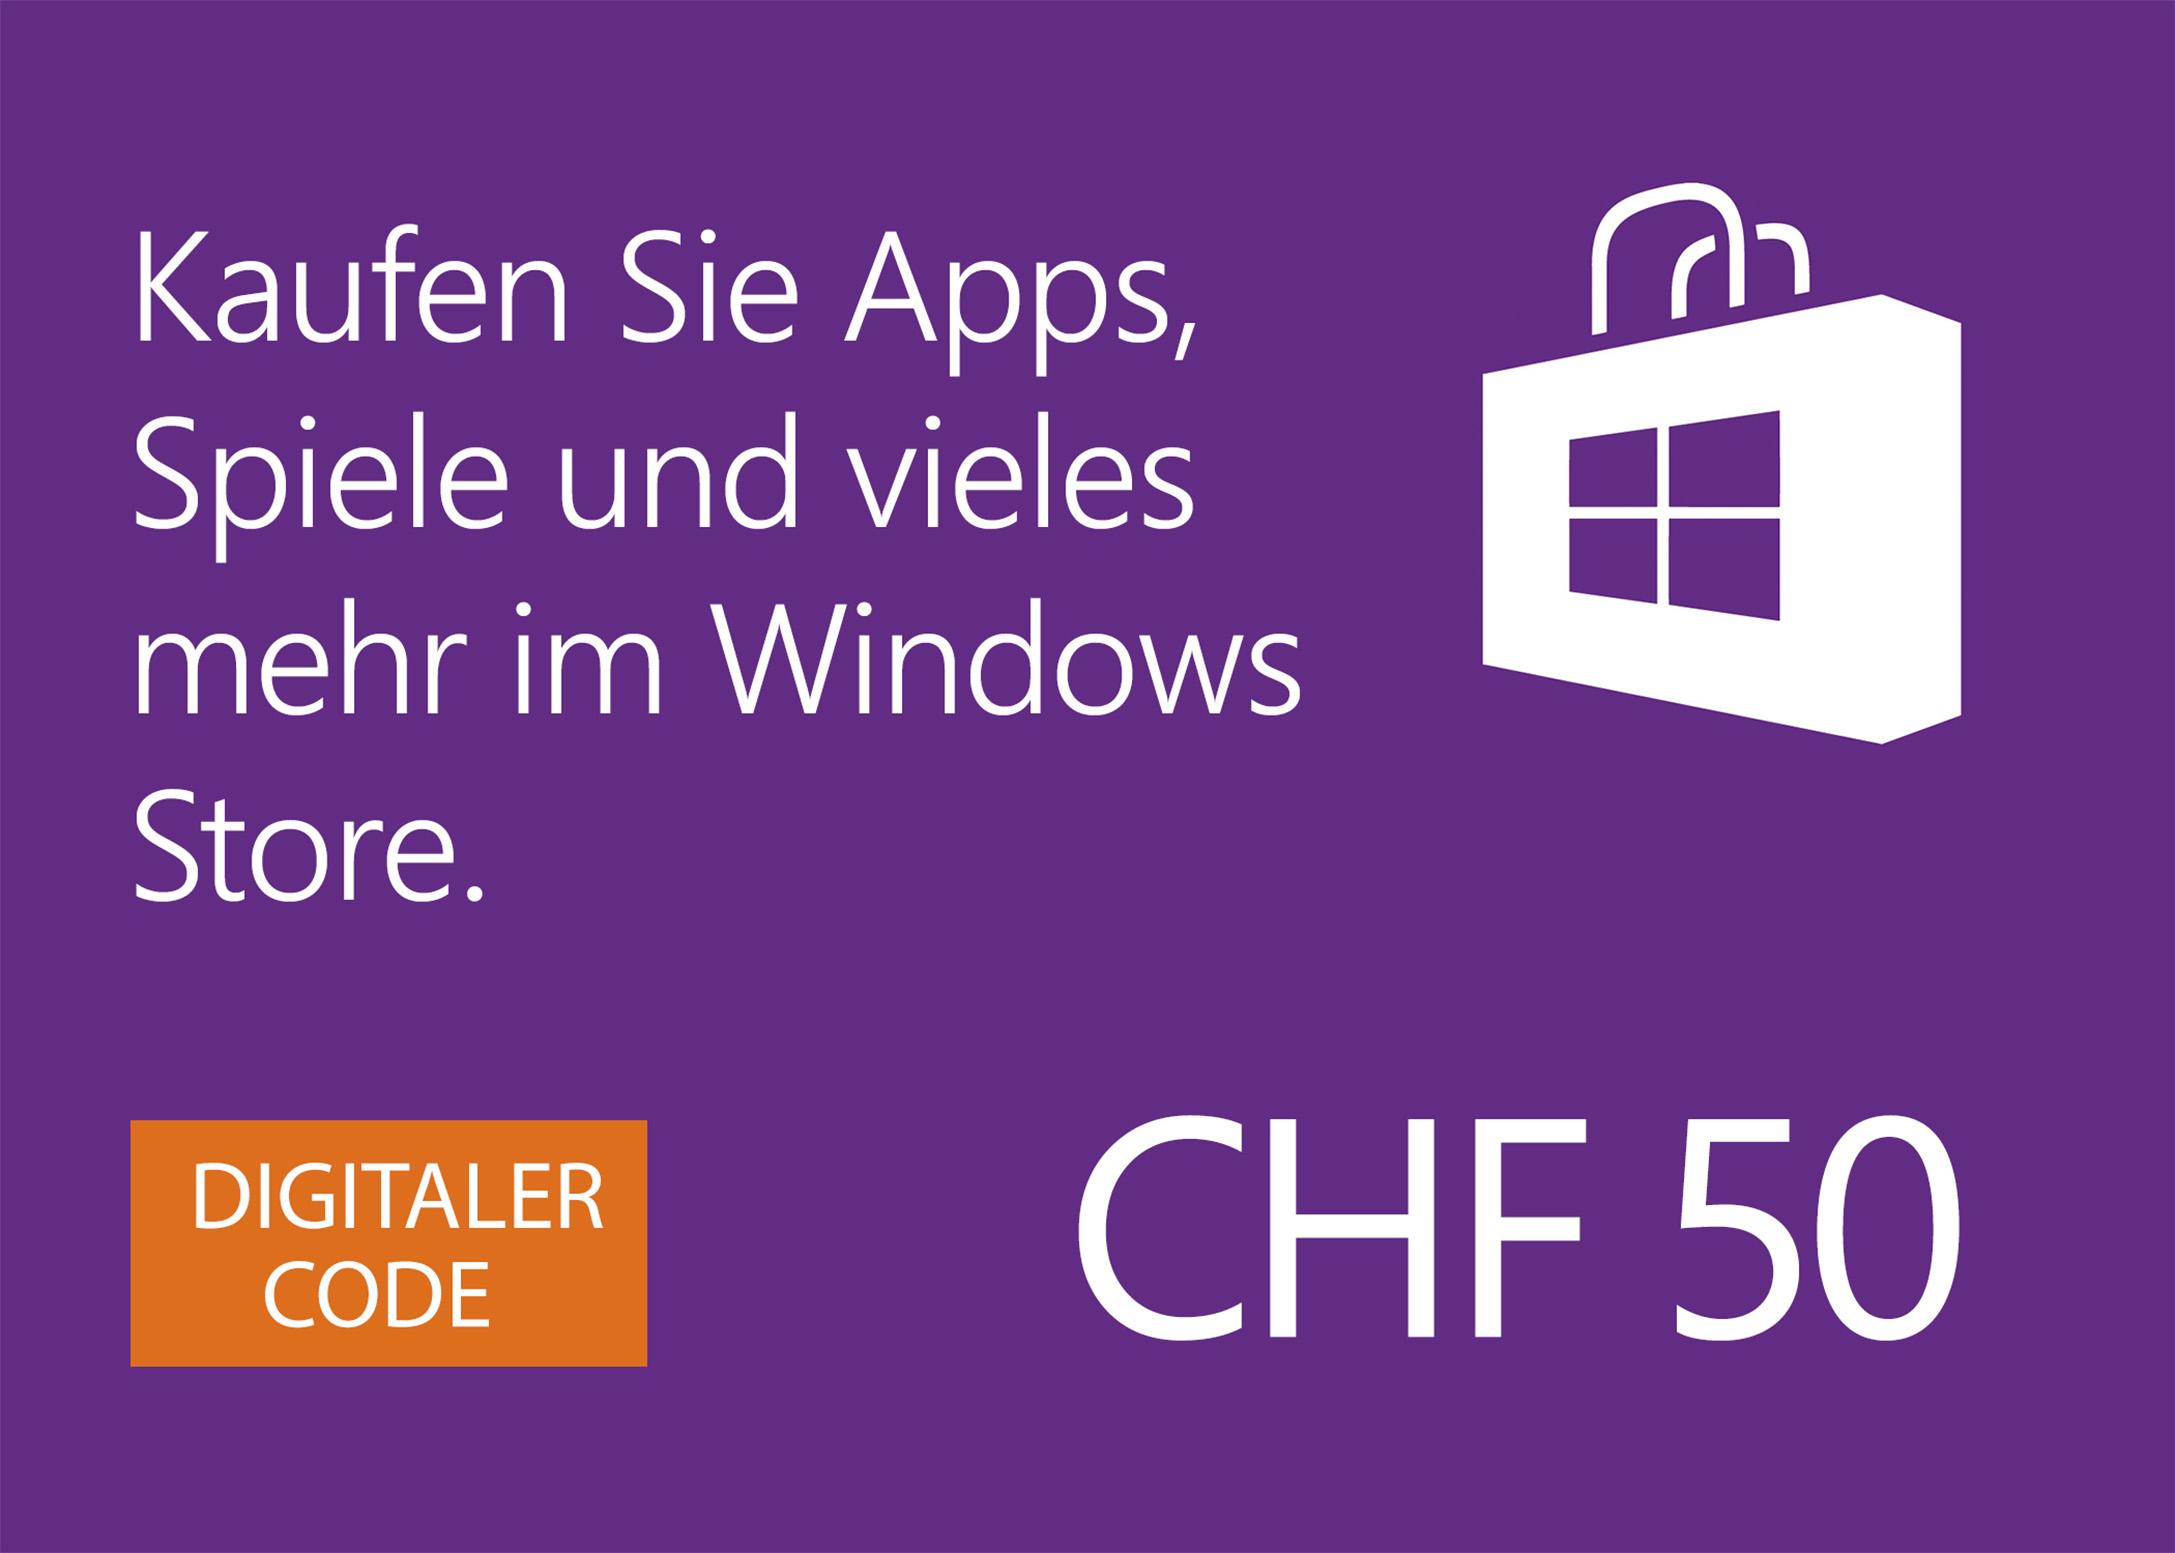 Windows Store digitale Geschenkkarte: CHF 50.00